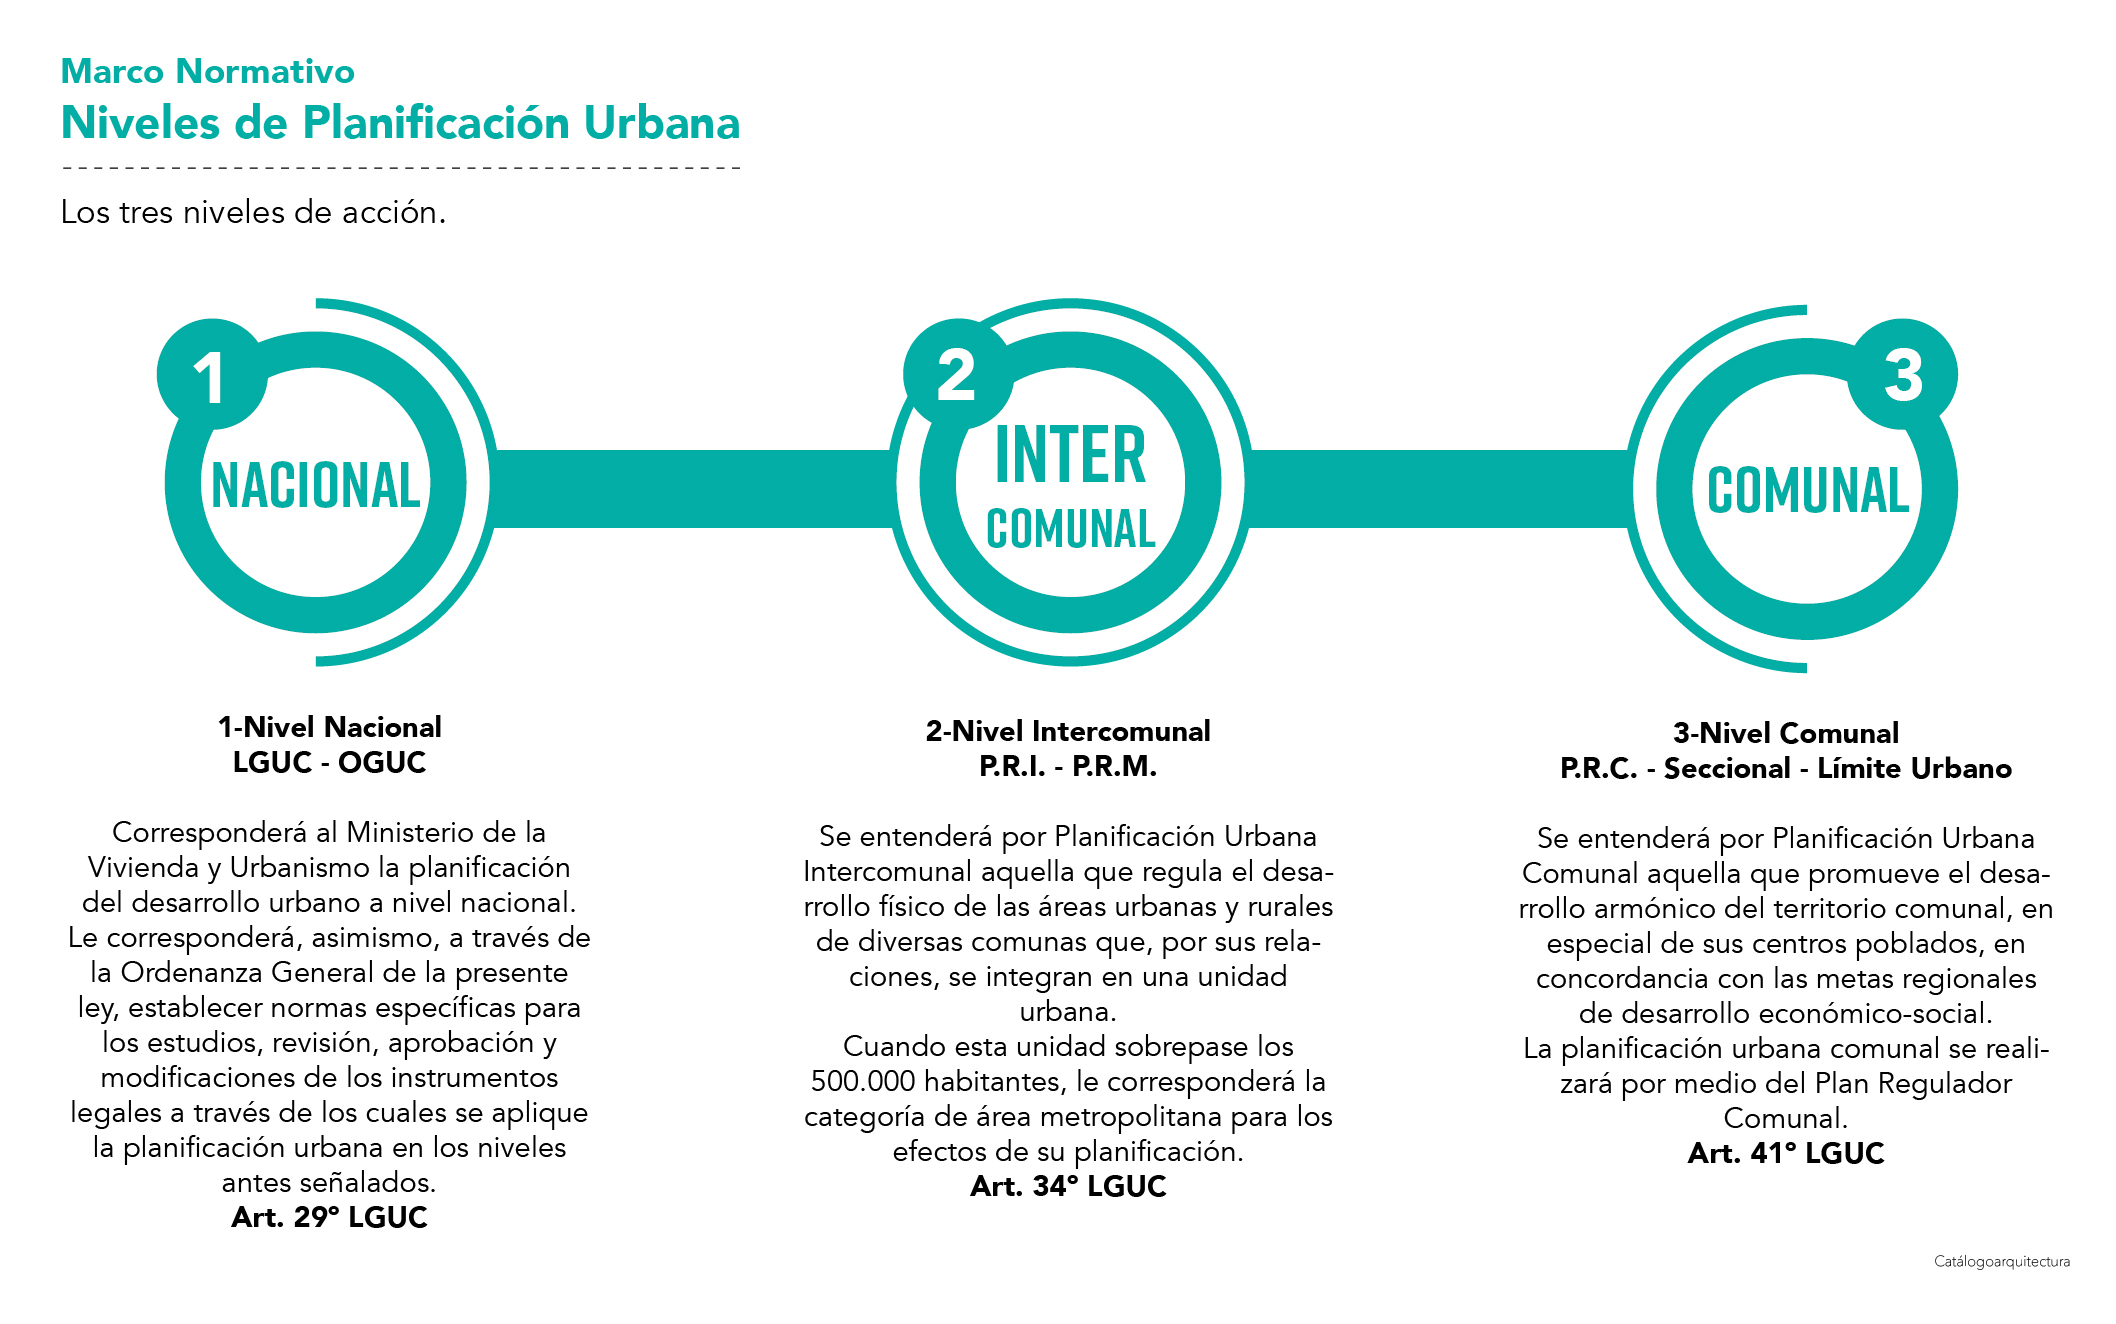 Niveles de Planificación Urbana, LGUC Chile.